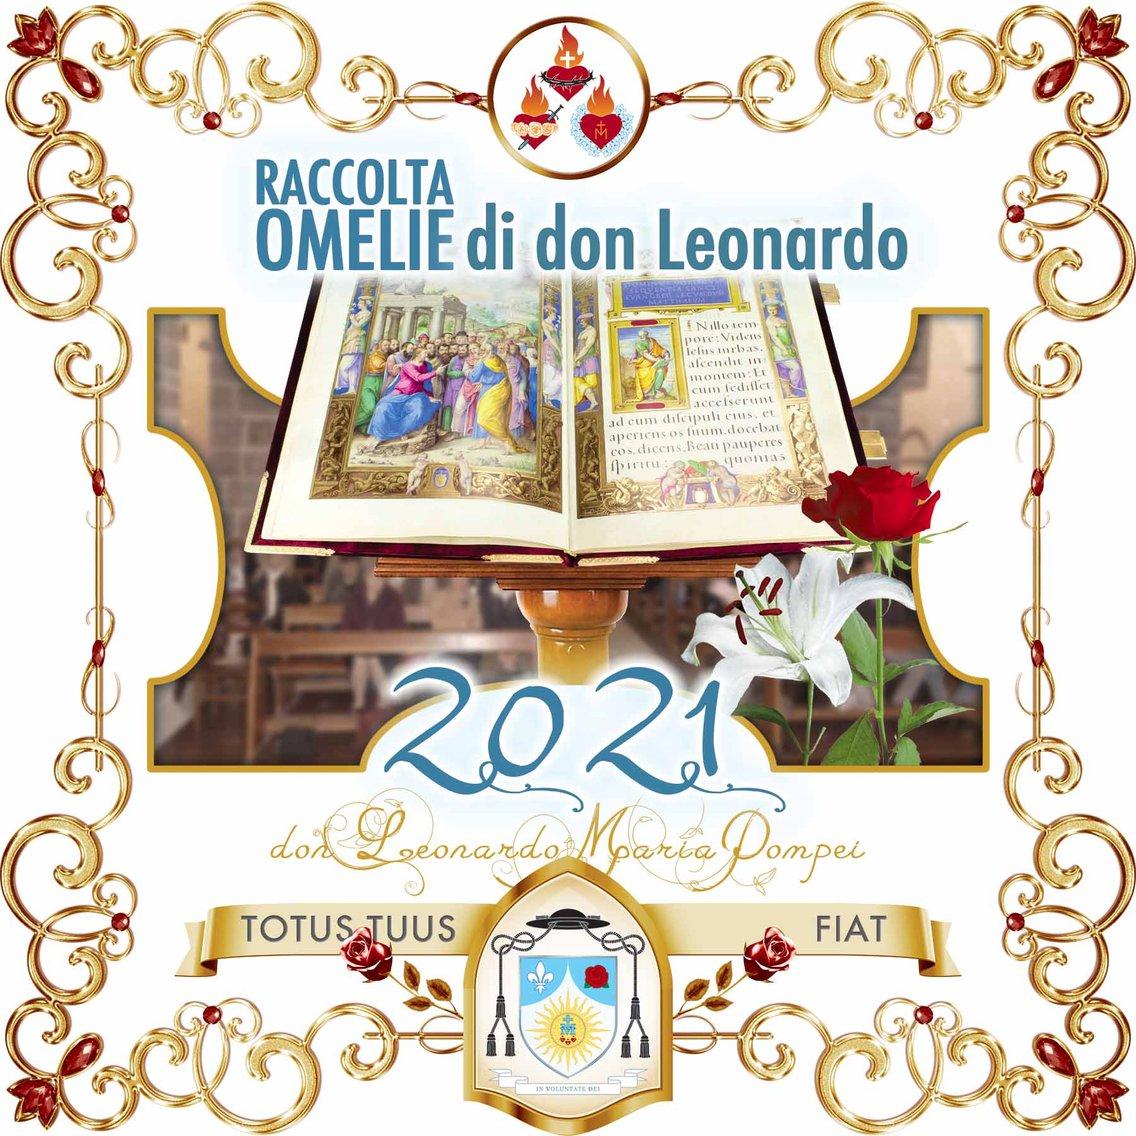 Omelie di don Leonardo Maria Pompei, 2021 - immagine di copertina